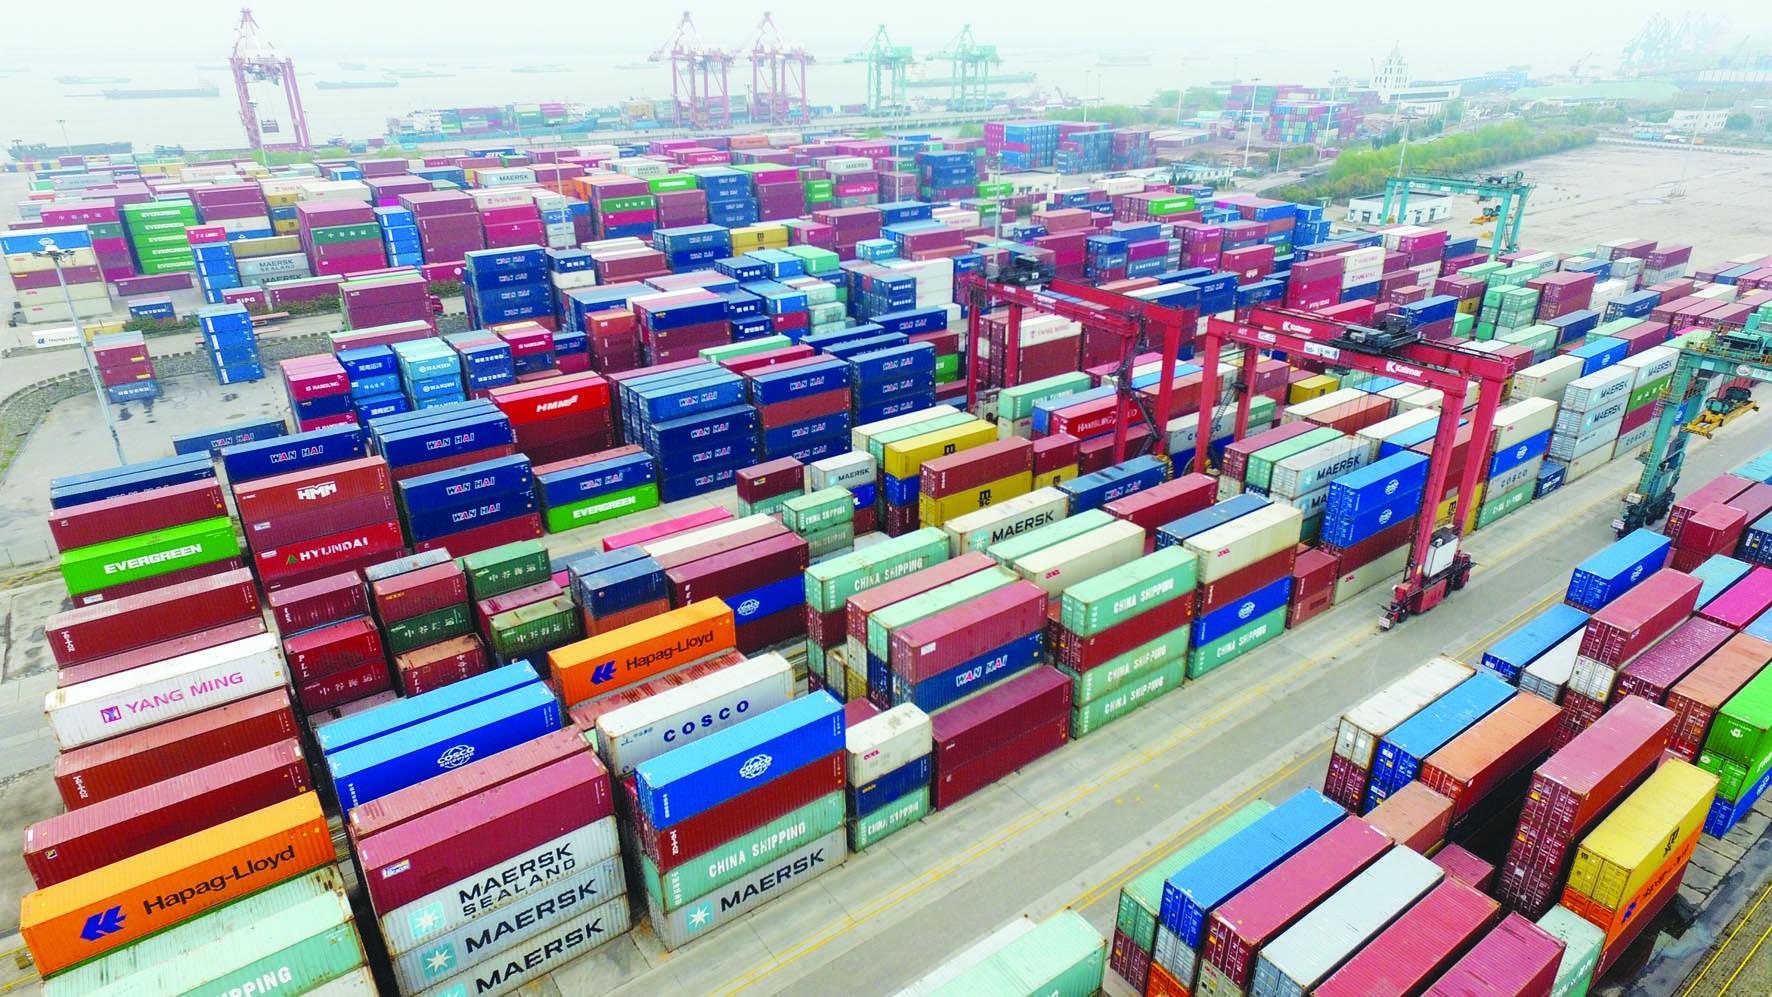 扬州沿江码头集装箱吞吐量等回升